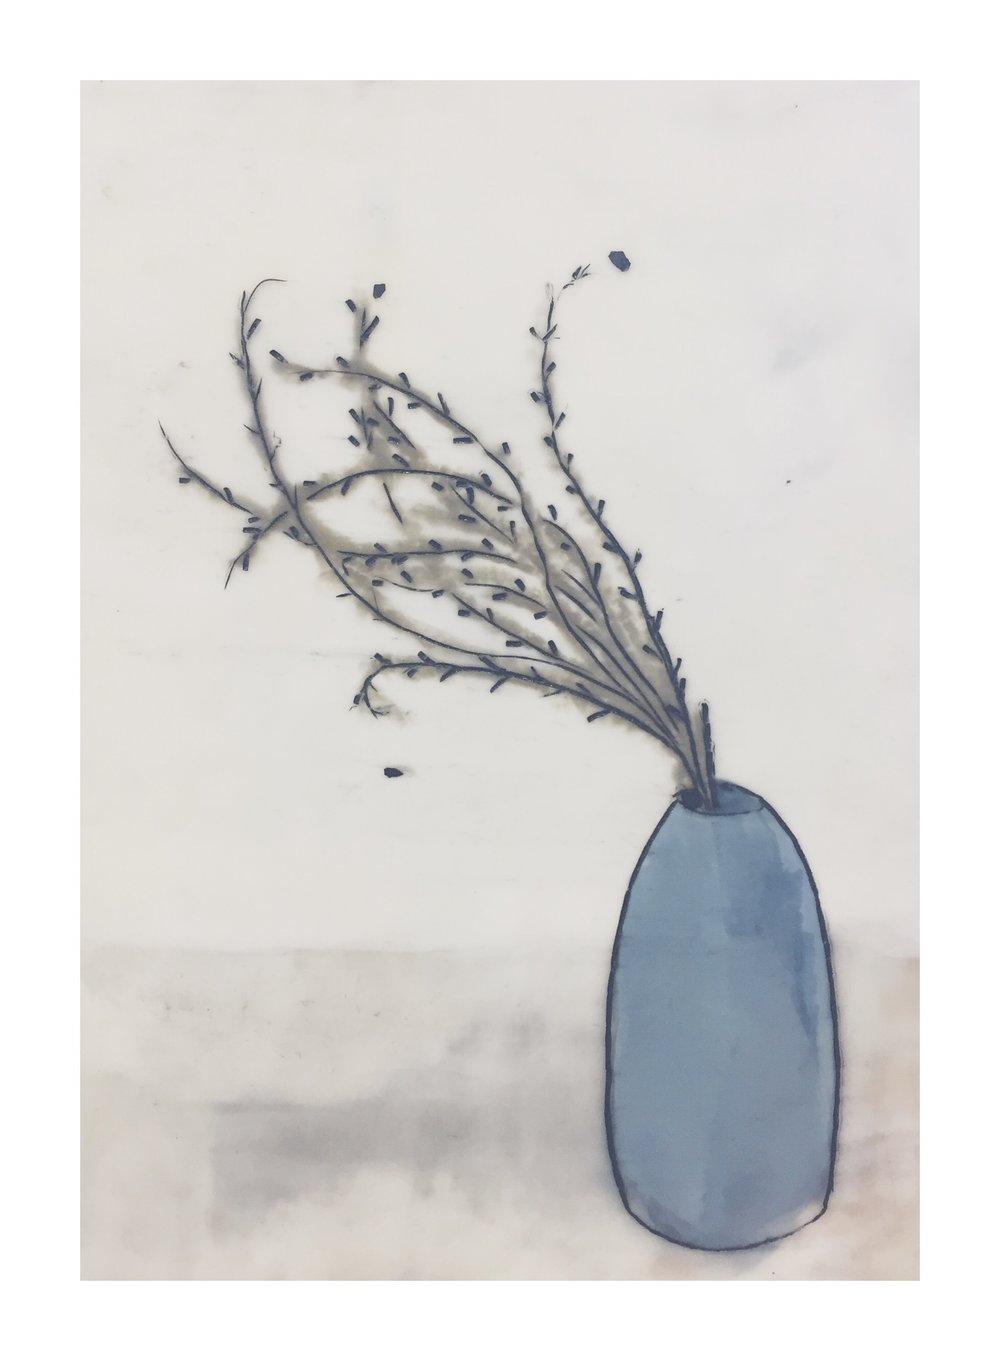 Kara's Vase